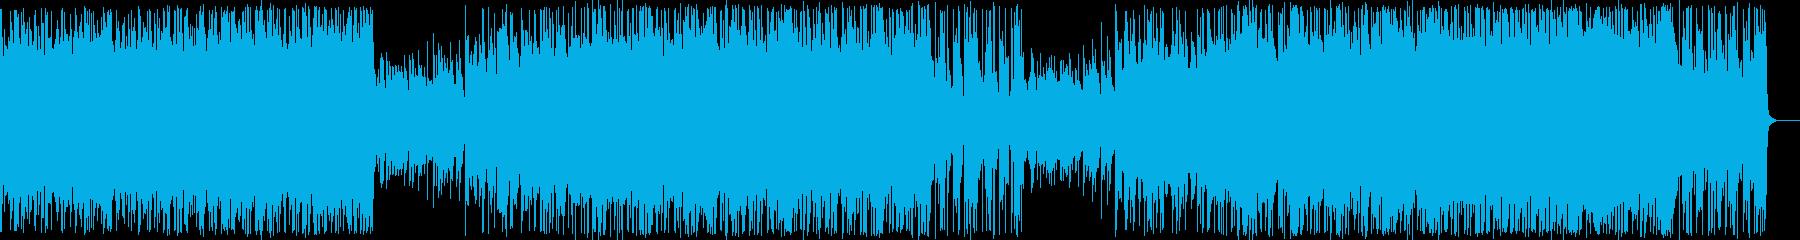 強敵と戦うシーンにぴったりのバトルBGMの再生済みの波形